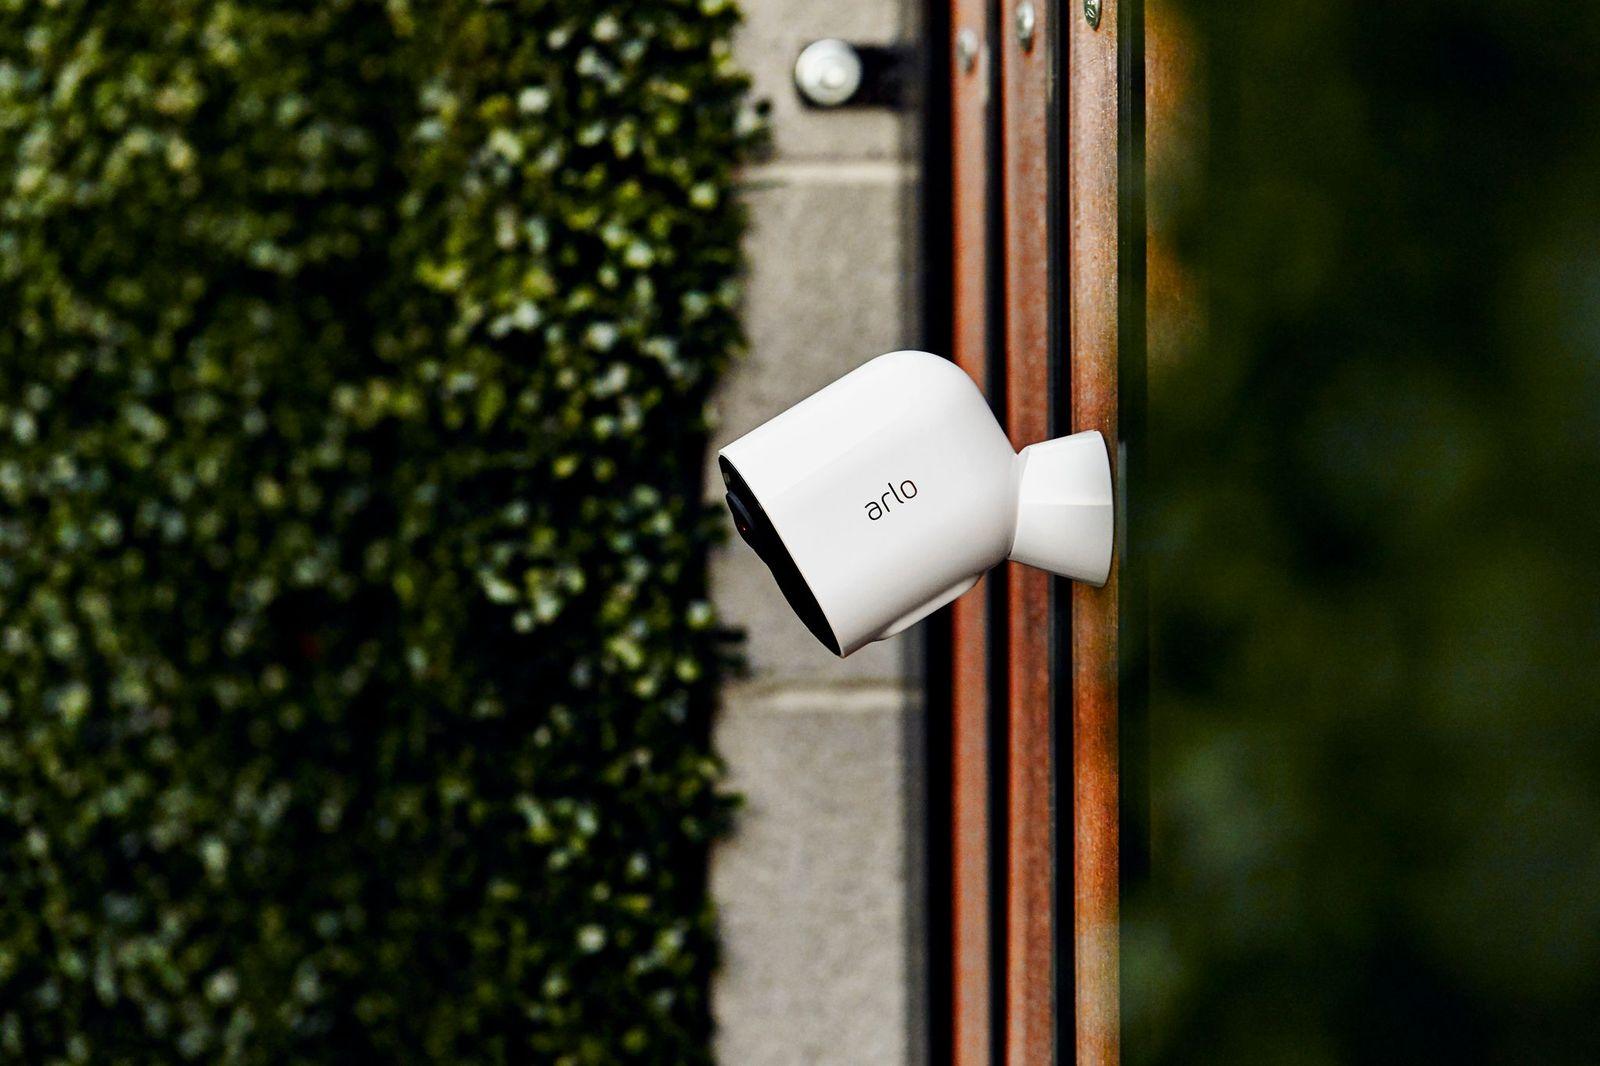 Le videocamere wireless per la sicurezza di Arlo